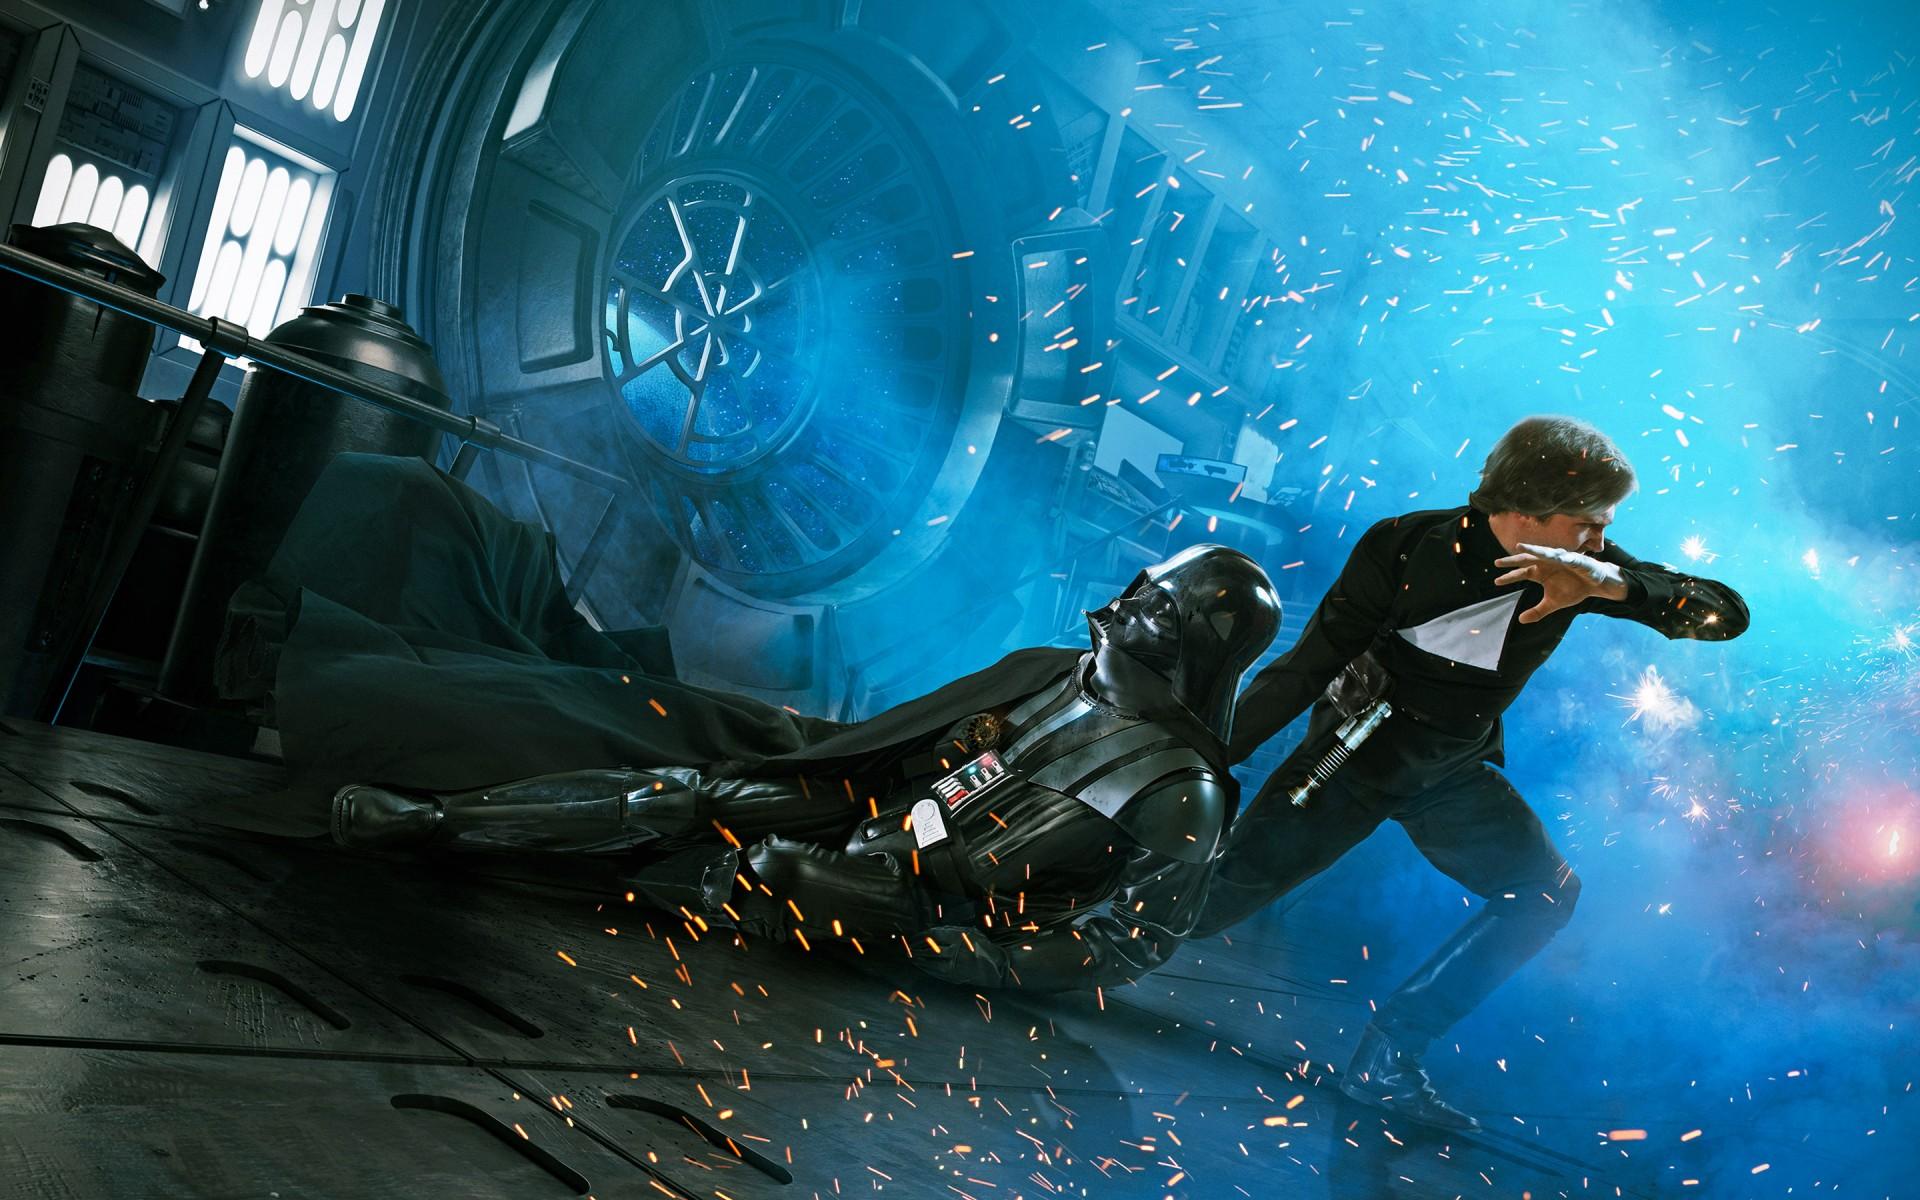 3d R Wallpaper Download Luke Skywalker Darth Vader Return Of The Jedi Wallpapers